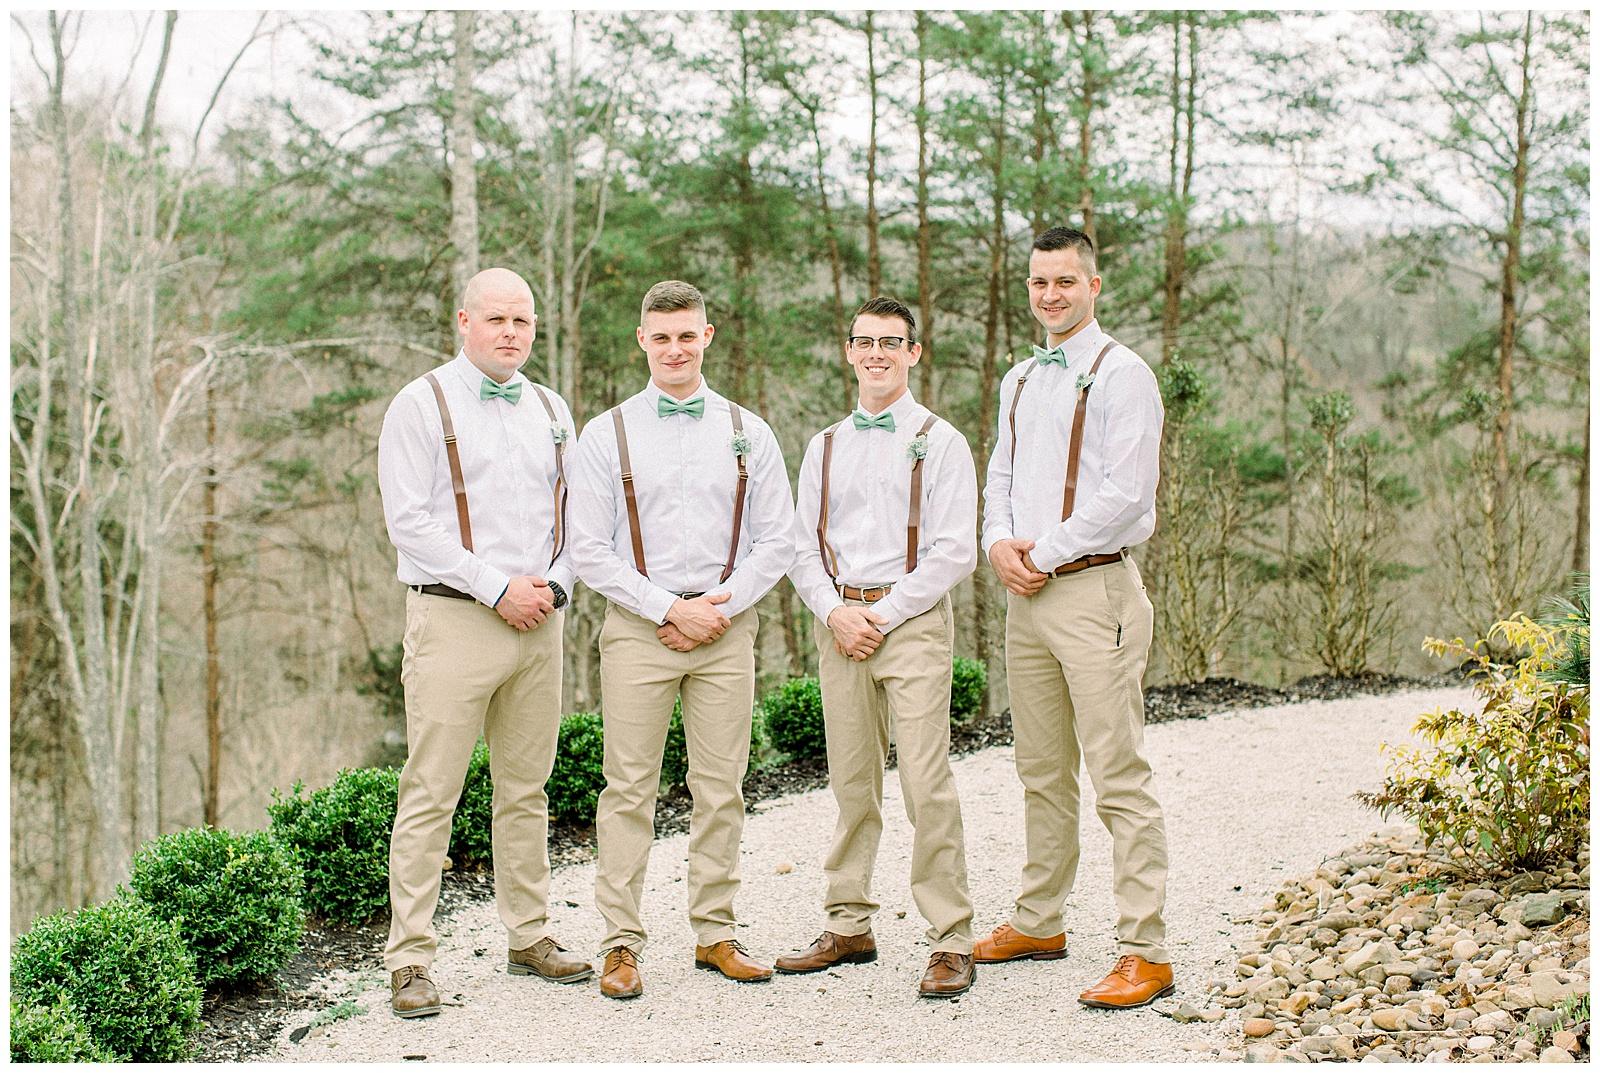 Lewis-Kara-Blakeman-Photography-Huntington-West-Virginia-Wedding-Barn-Olde-Homestead-7